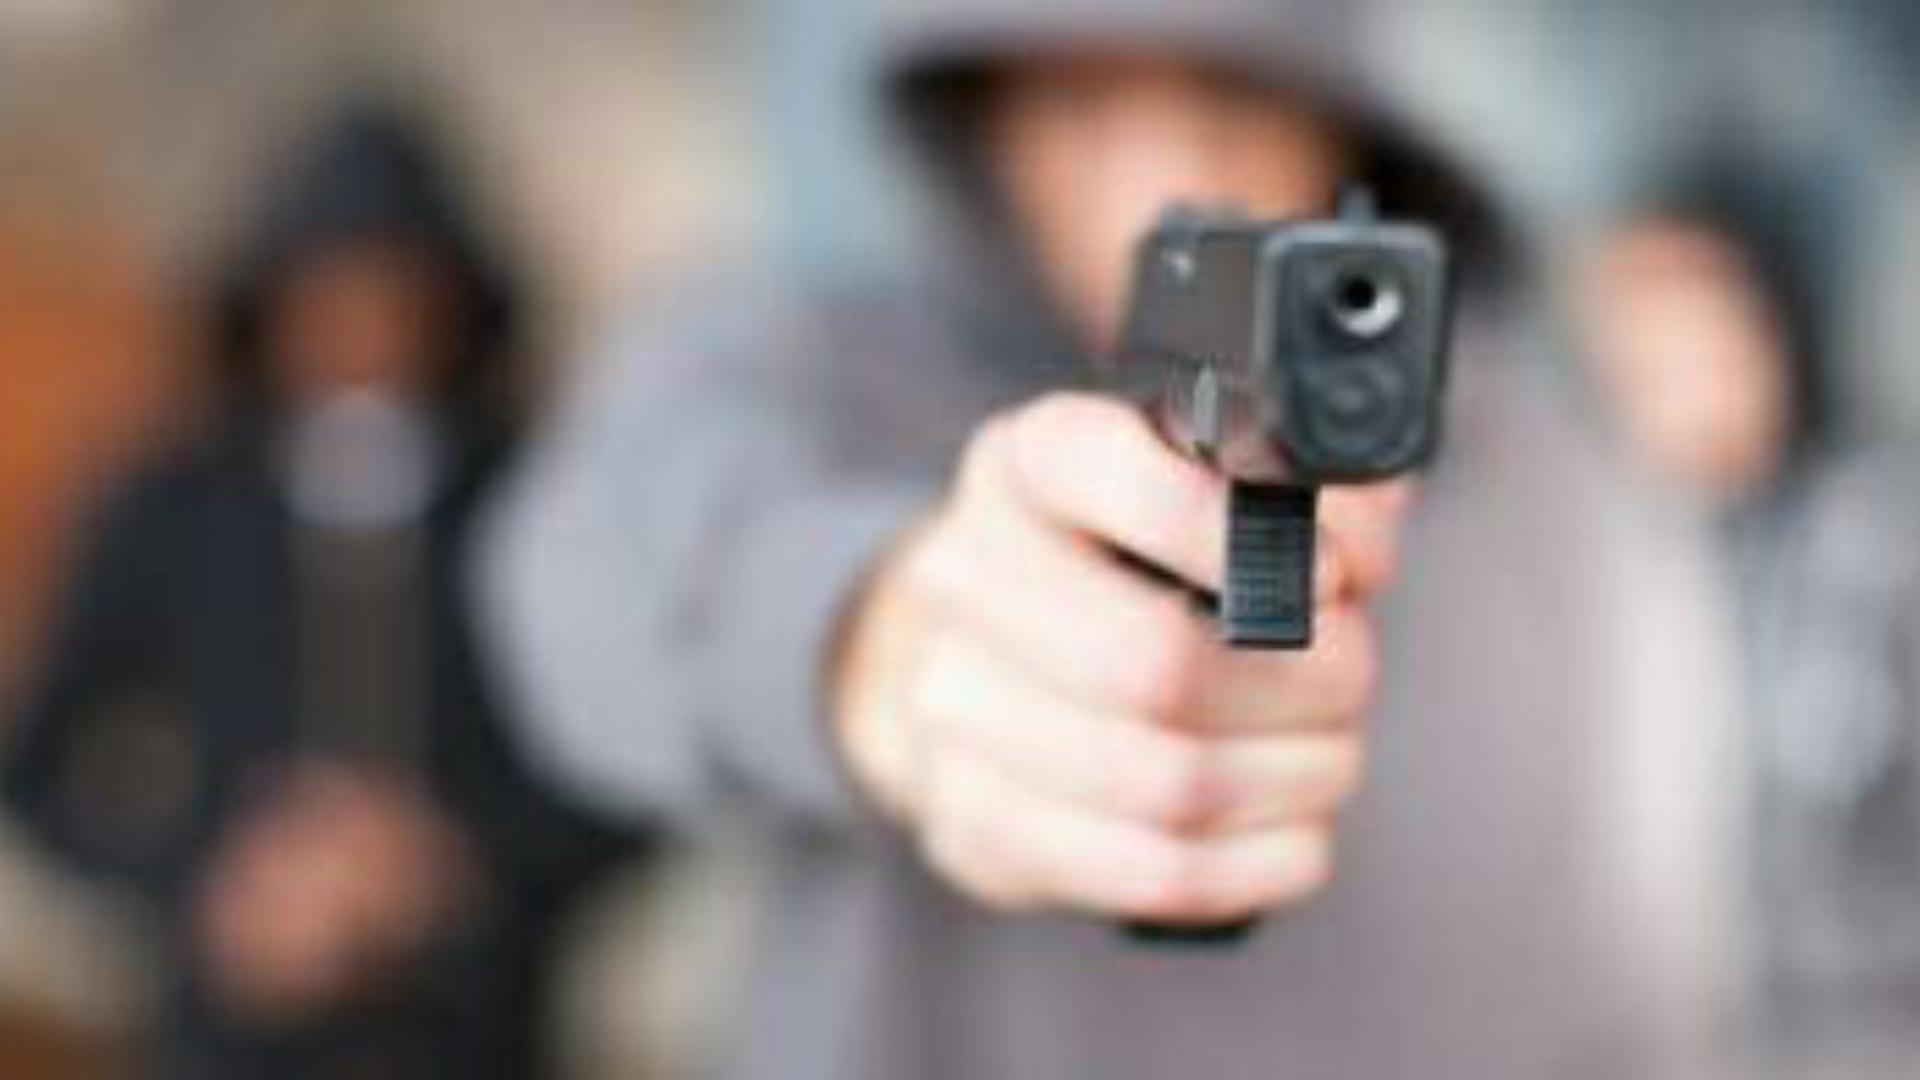 Atac ARMAT: Un bărbat înarmat a ucis o persoană într-un mall din Bangkok